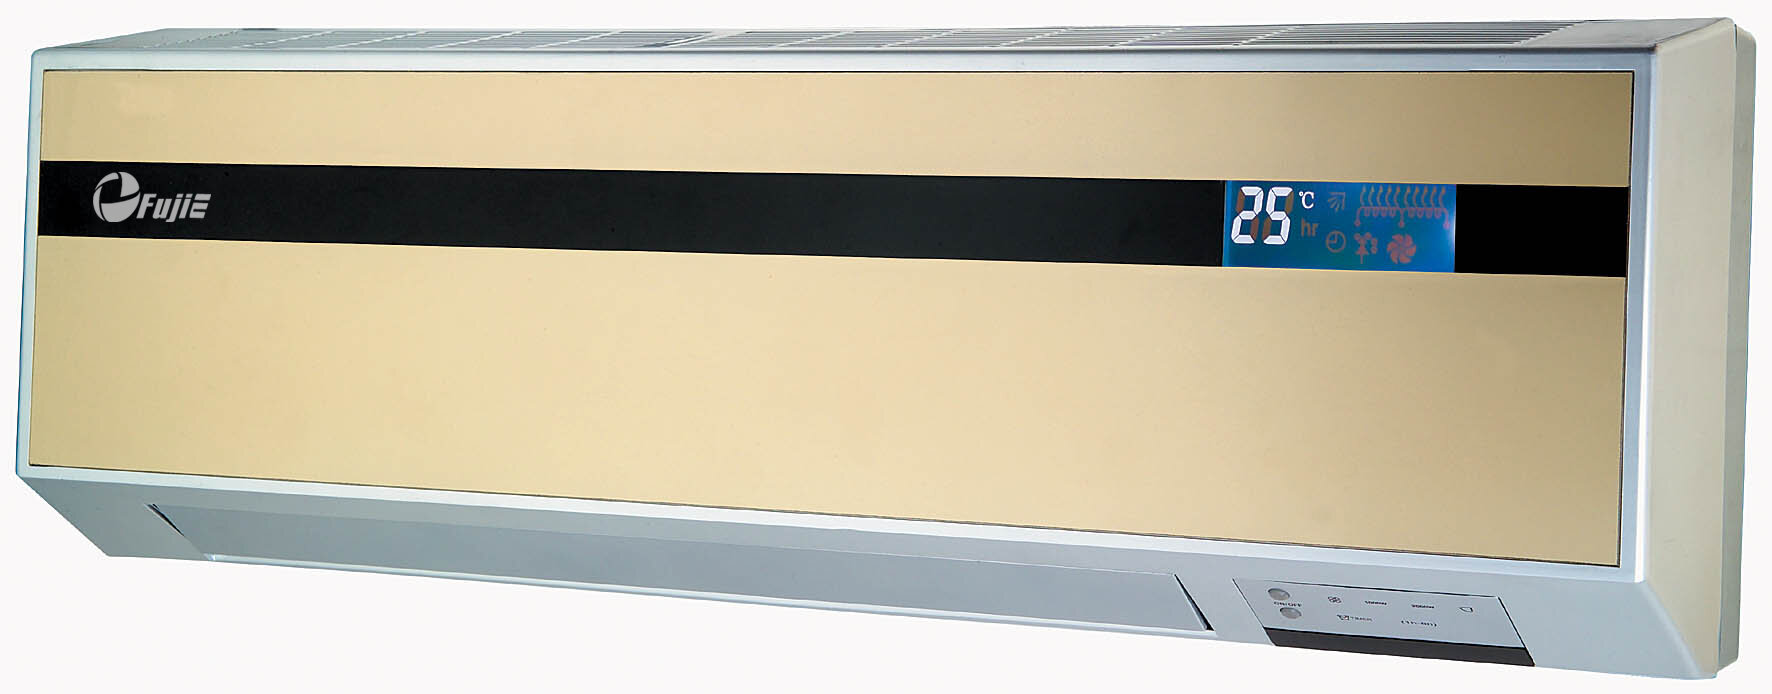 Máy sưởi điều hòa Ceramic treo tường FujiE CH-2500: Sưởi ấm nhanh